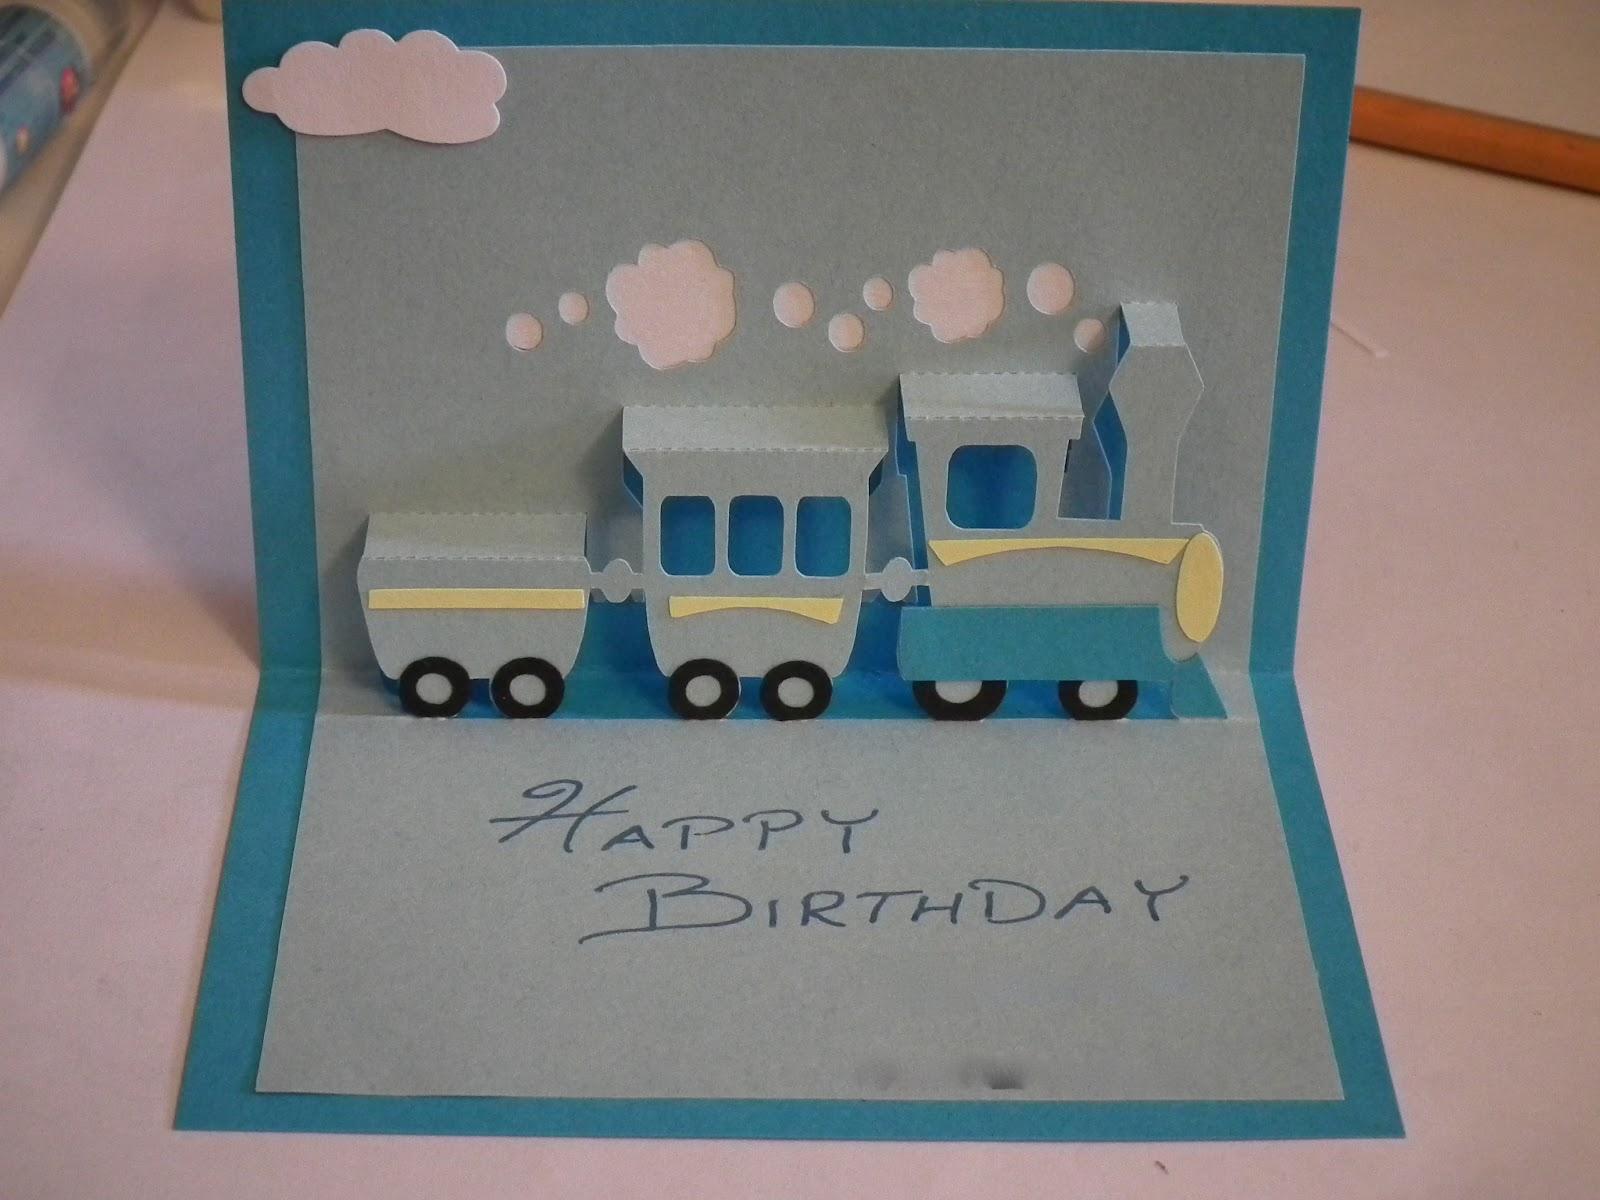 Crafty Card Tricks PopUp Train Birthday Card – Train Birthday Cards